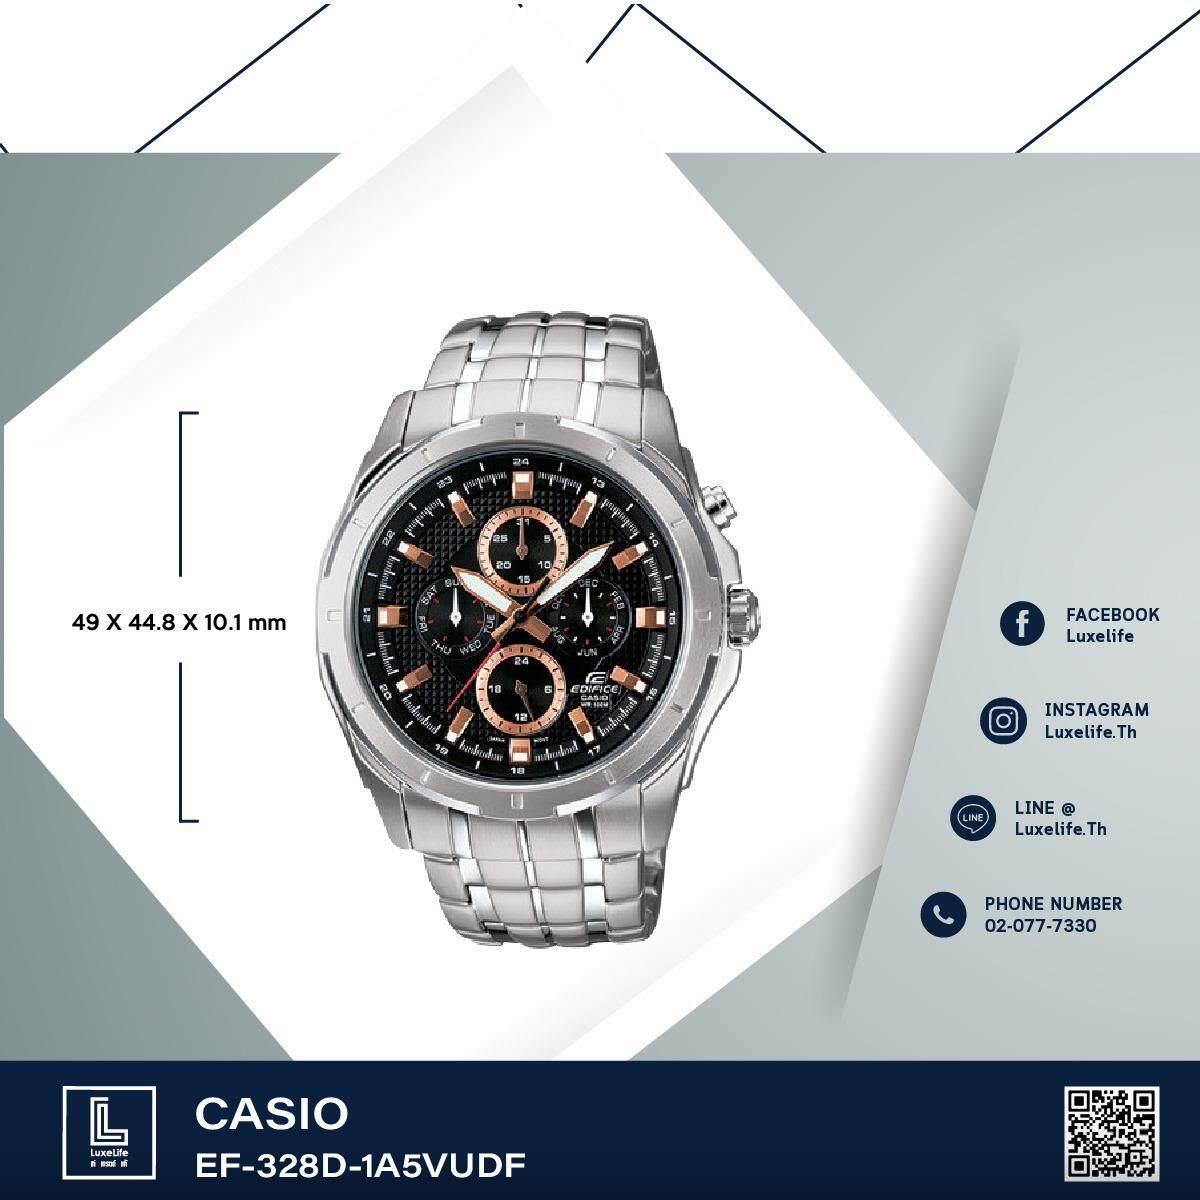 ส่วนลด นาฬิกาข้อมือ Casio รุ่น Ef 328D 1A5Vudf Edifice นาฬิกาข้อมือผู้ชาย 7 เข็ม สายแสตนเลส Casio ใน กรุงเทพมหานคร